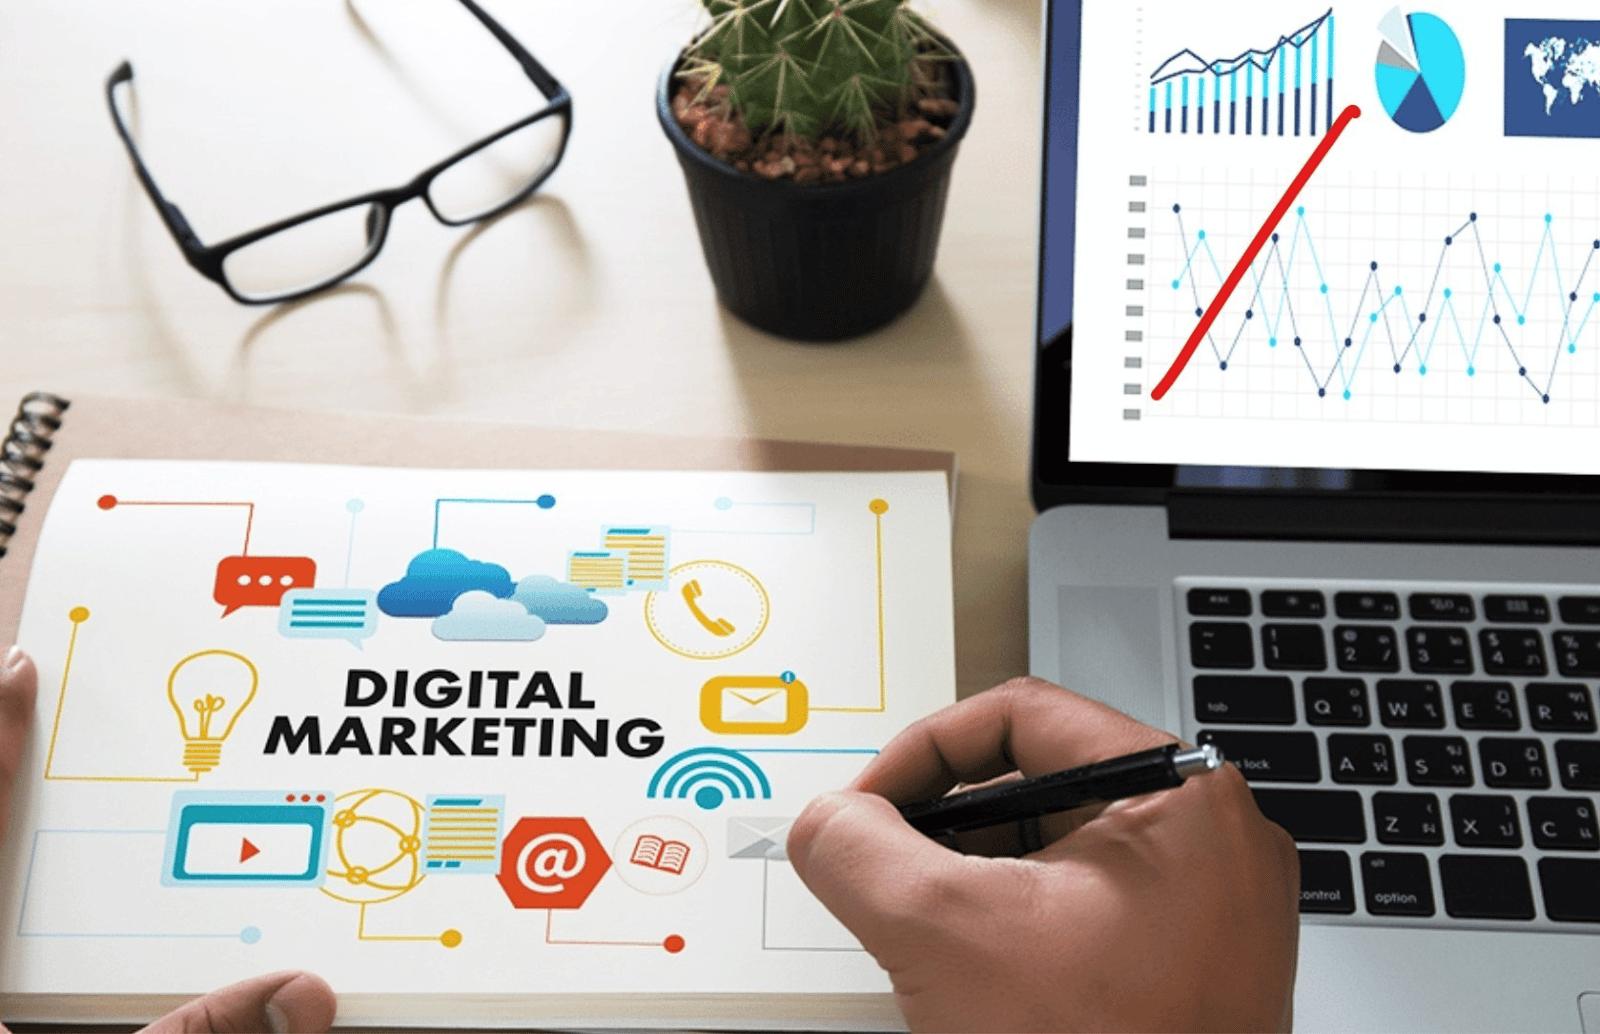 Quảng cáo tích hợp (Integrated marketing Communication – IMC) là một phần cơ bản và cần thiết trong những nỗ lực tiếp thị của một đơn vị.